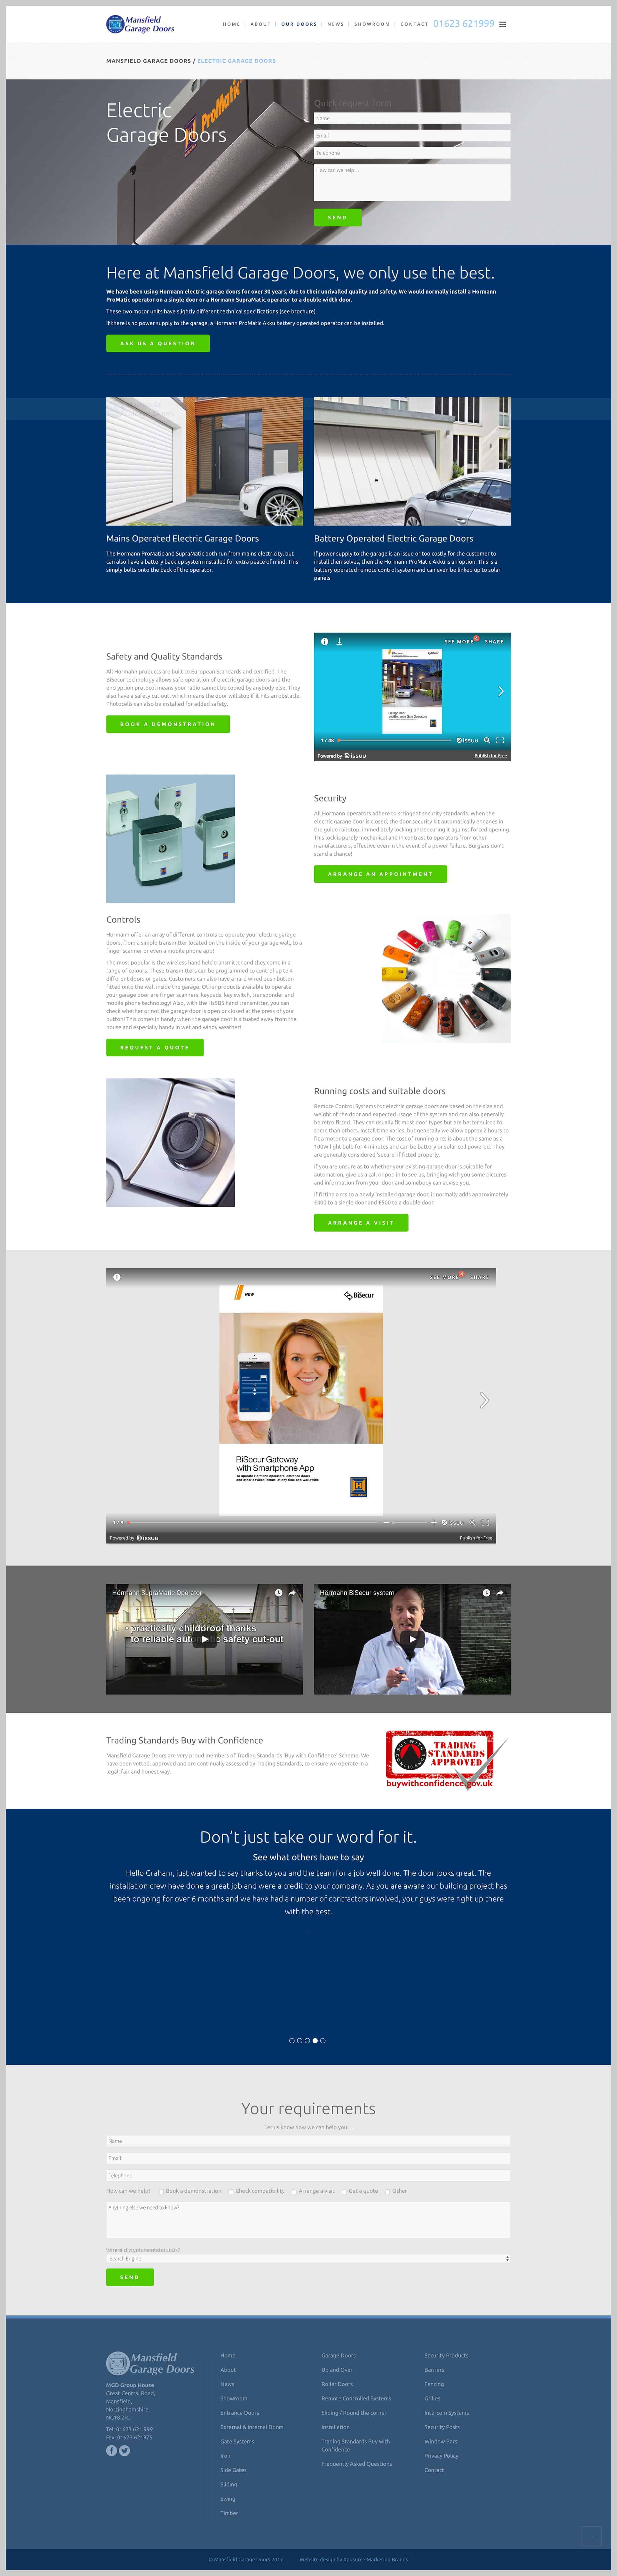 Electric garage doors page design for Mansfield Garage Doors website